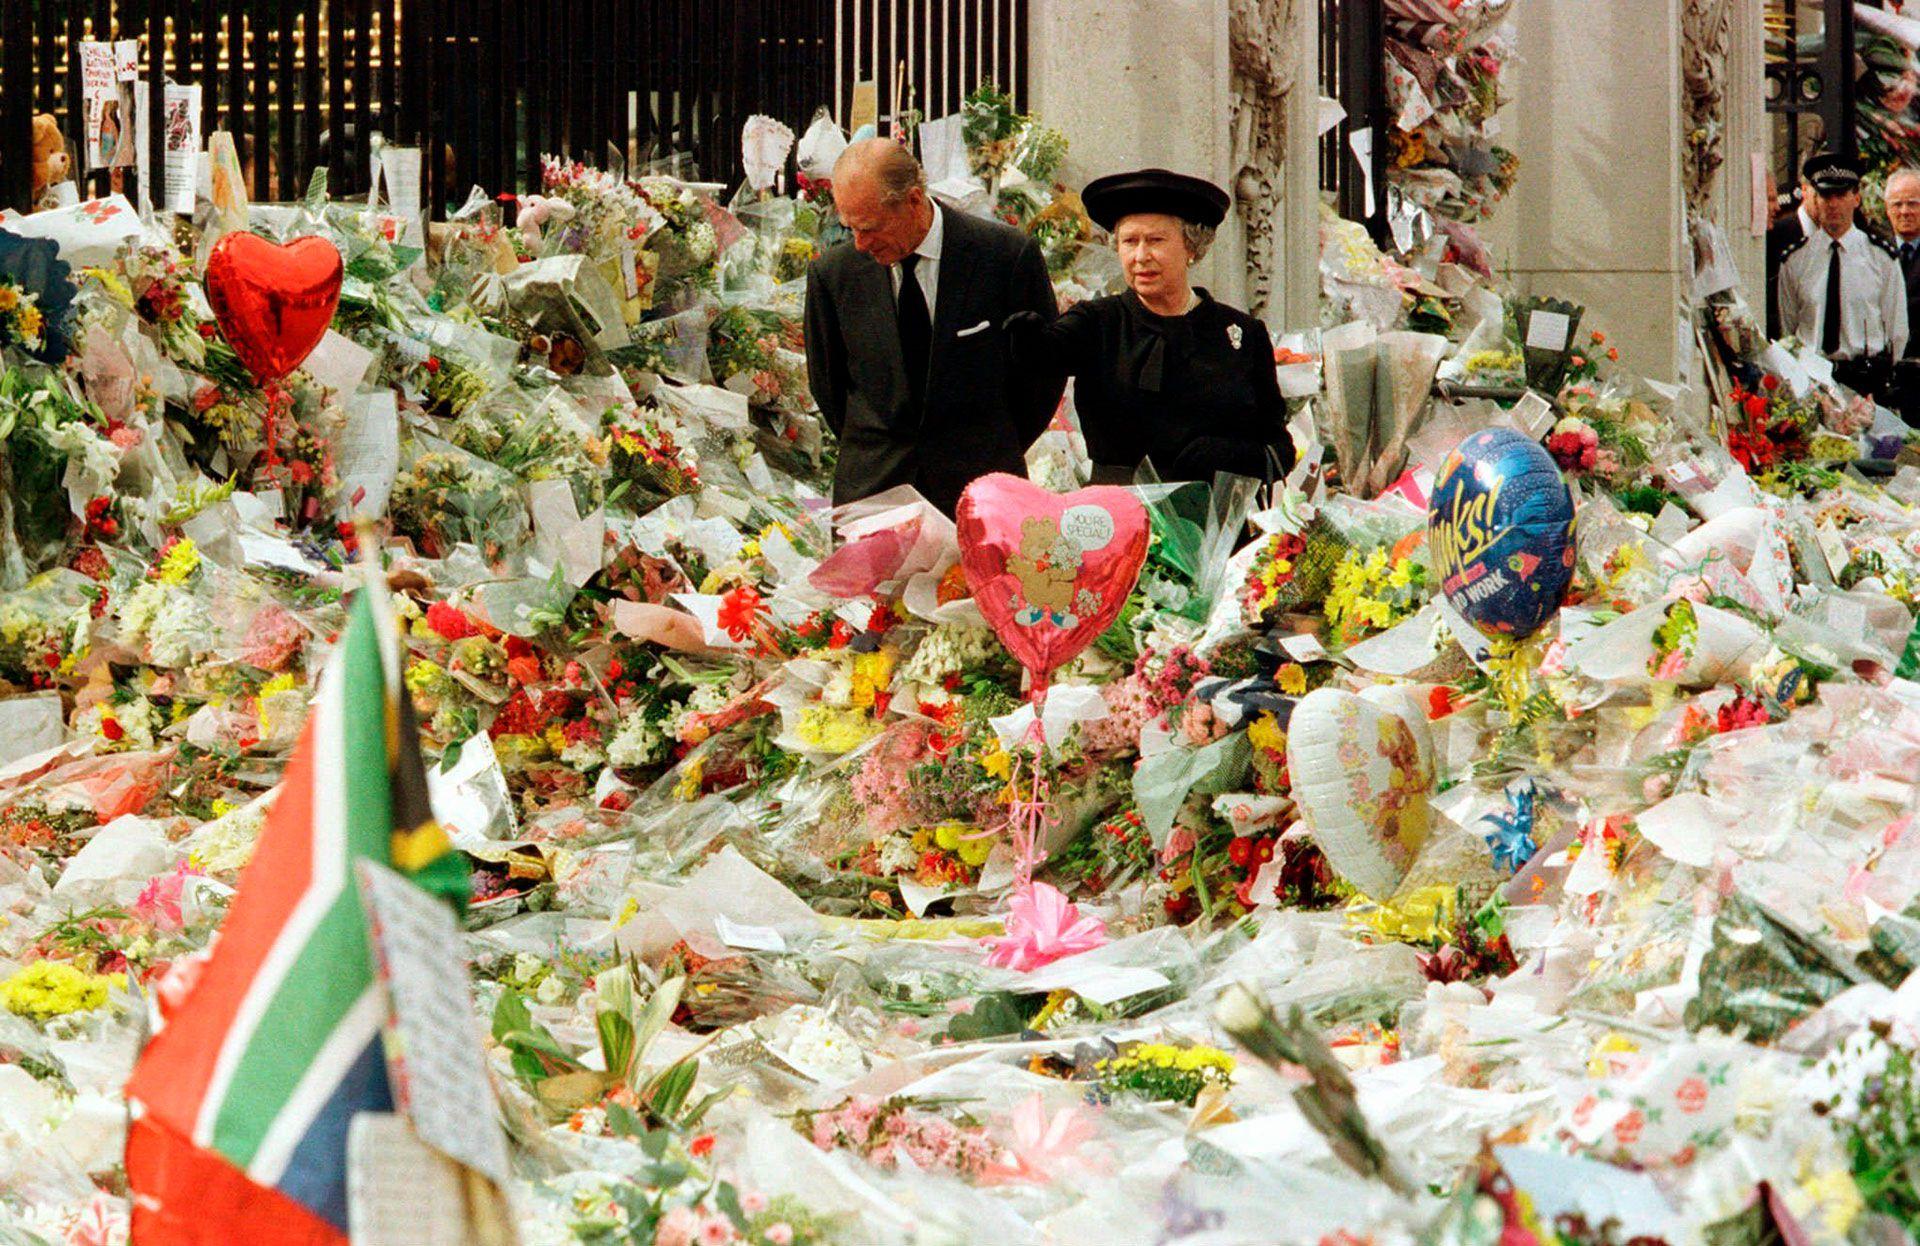 La reina Isabel II y el duque de Edimburgo mirando los tributos florales en las afueras de Buckingham Palace en memoria de la princesa de Gales (5 de septiembre de 1997)